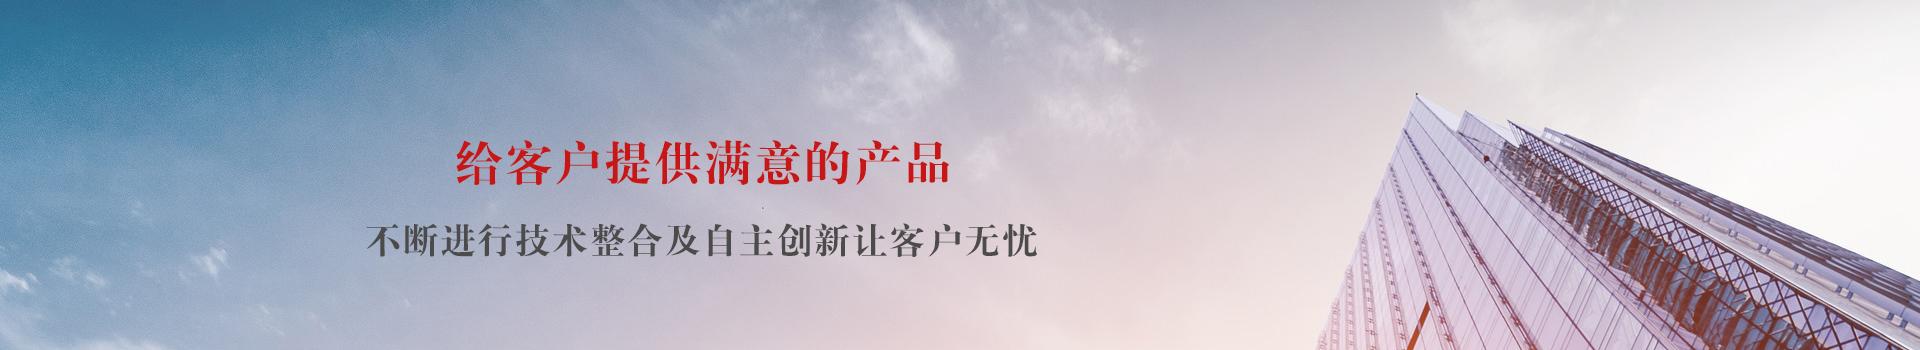 http://www.hongyugs.cn/data/upload/202004/20200429181813_830.jpg